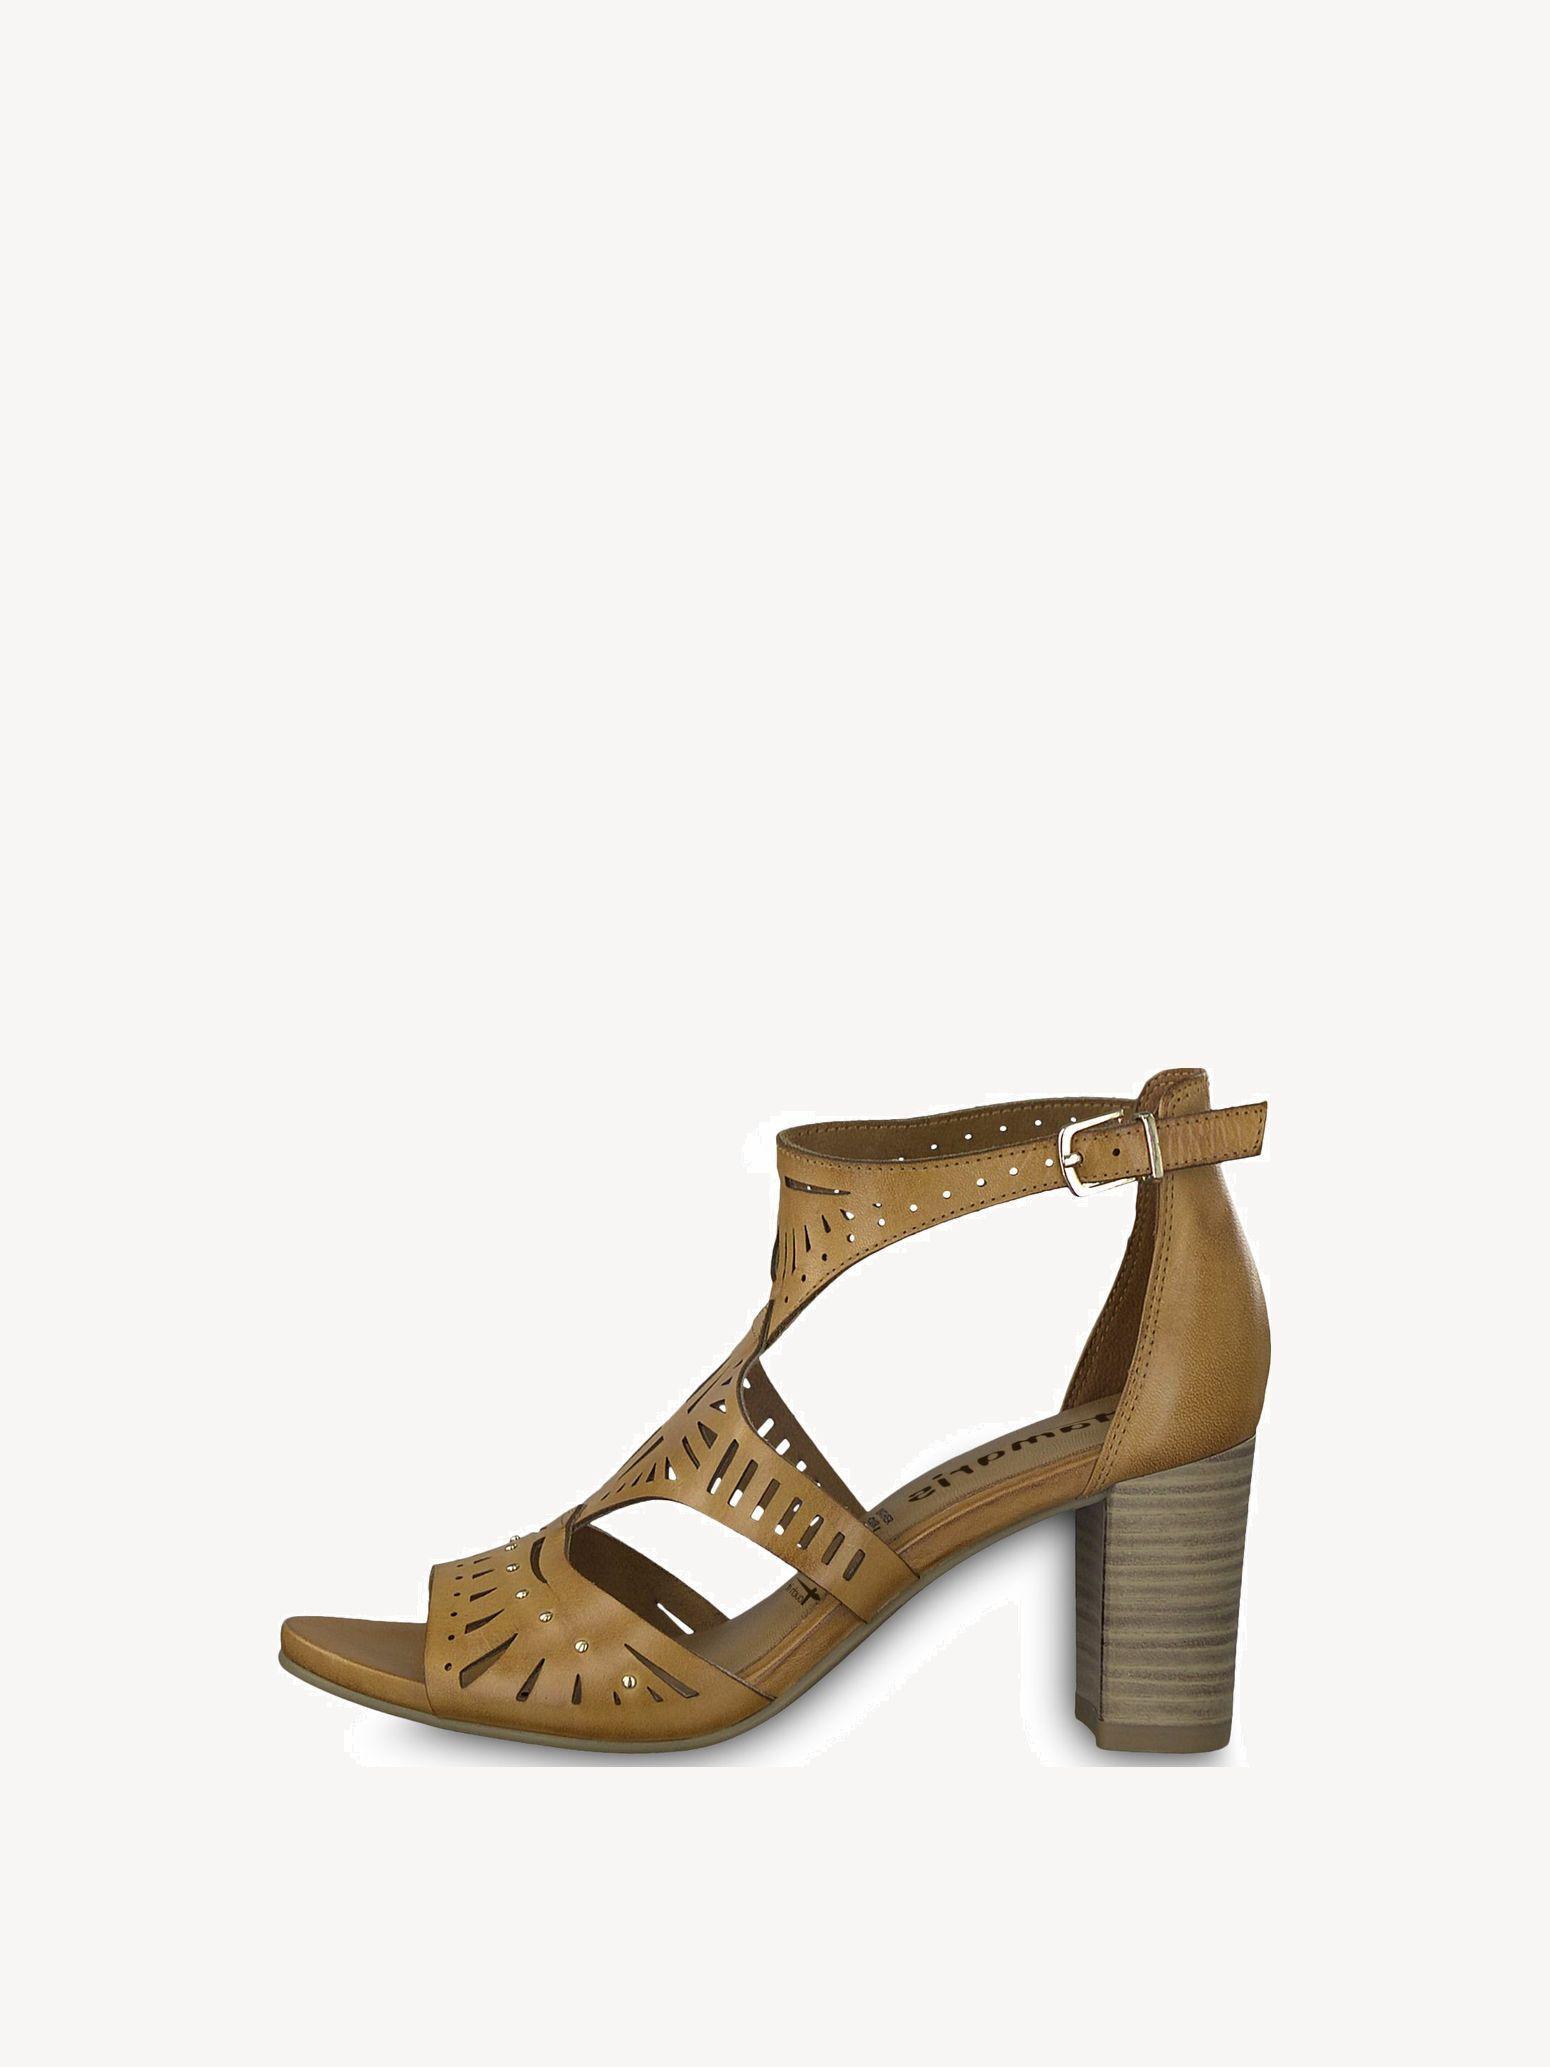 Tamaris Boutique Chaussures Femmes Pour La En Sur Ligne x440BqI